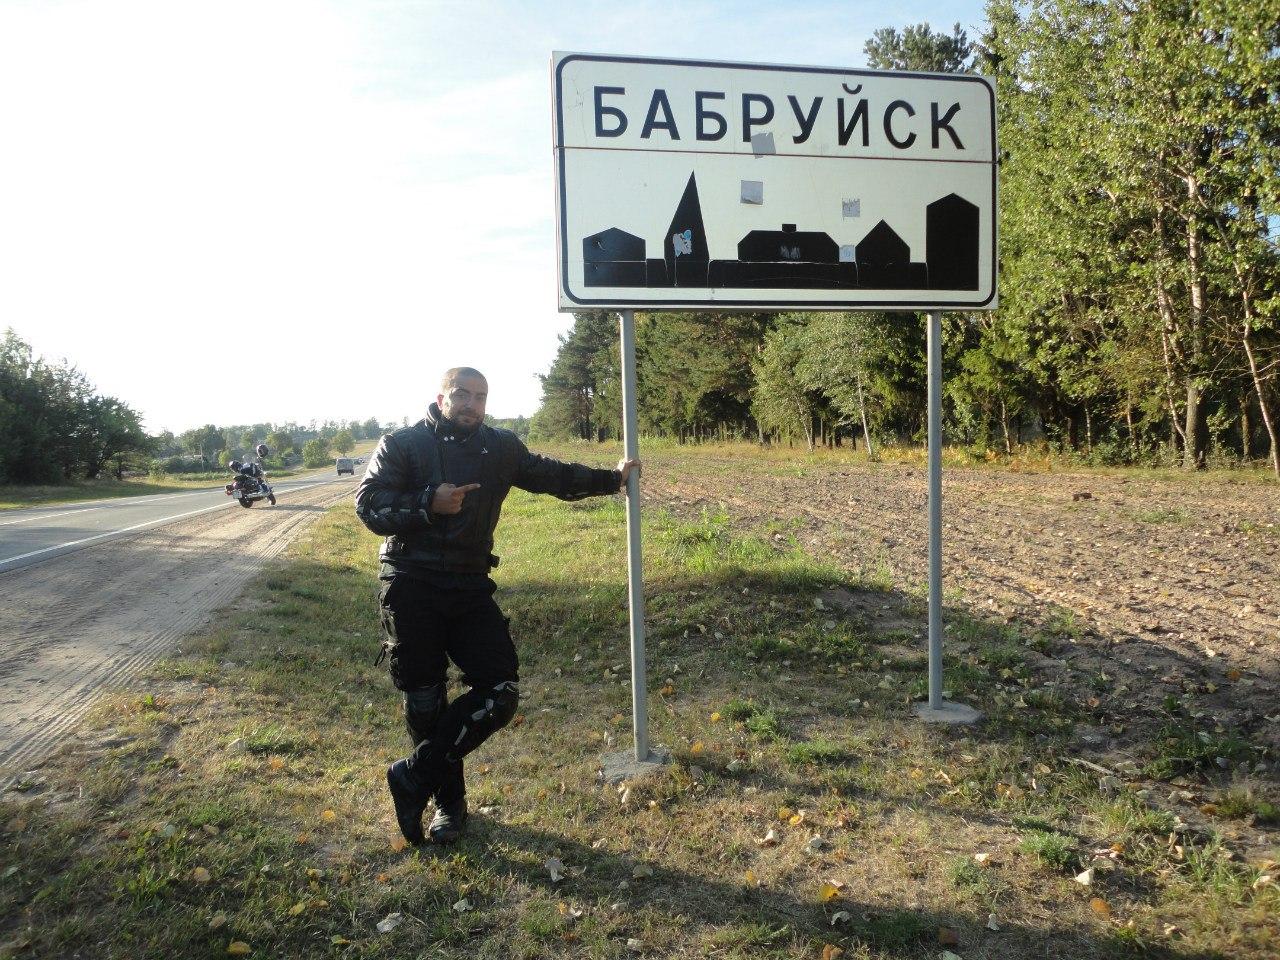 Сумы-Минск-Свитязь-Буковель-Кишинев-Одесса-Сумы S8JiZ3B85PM